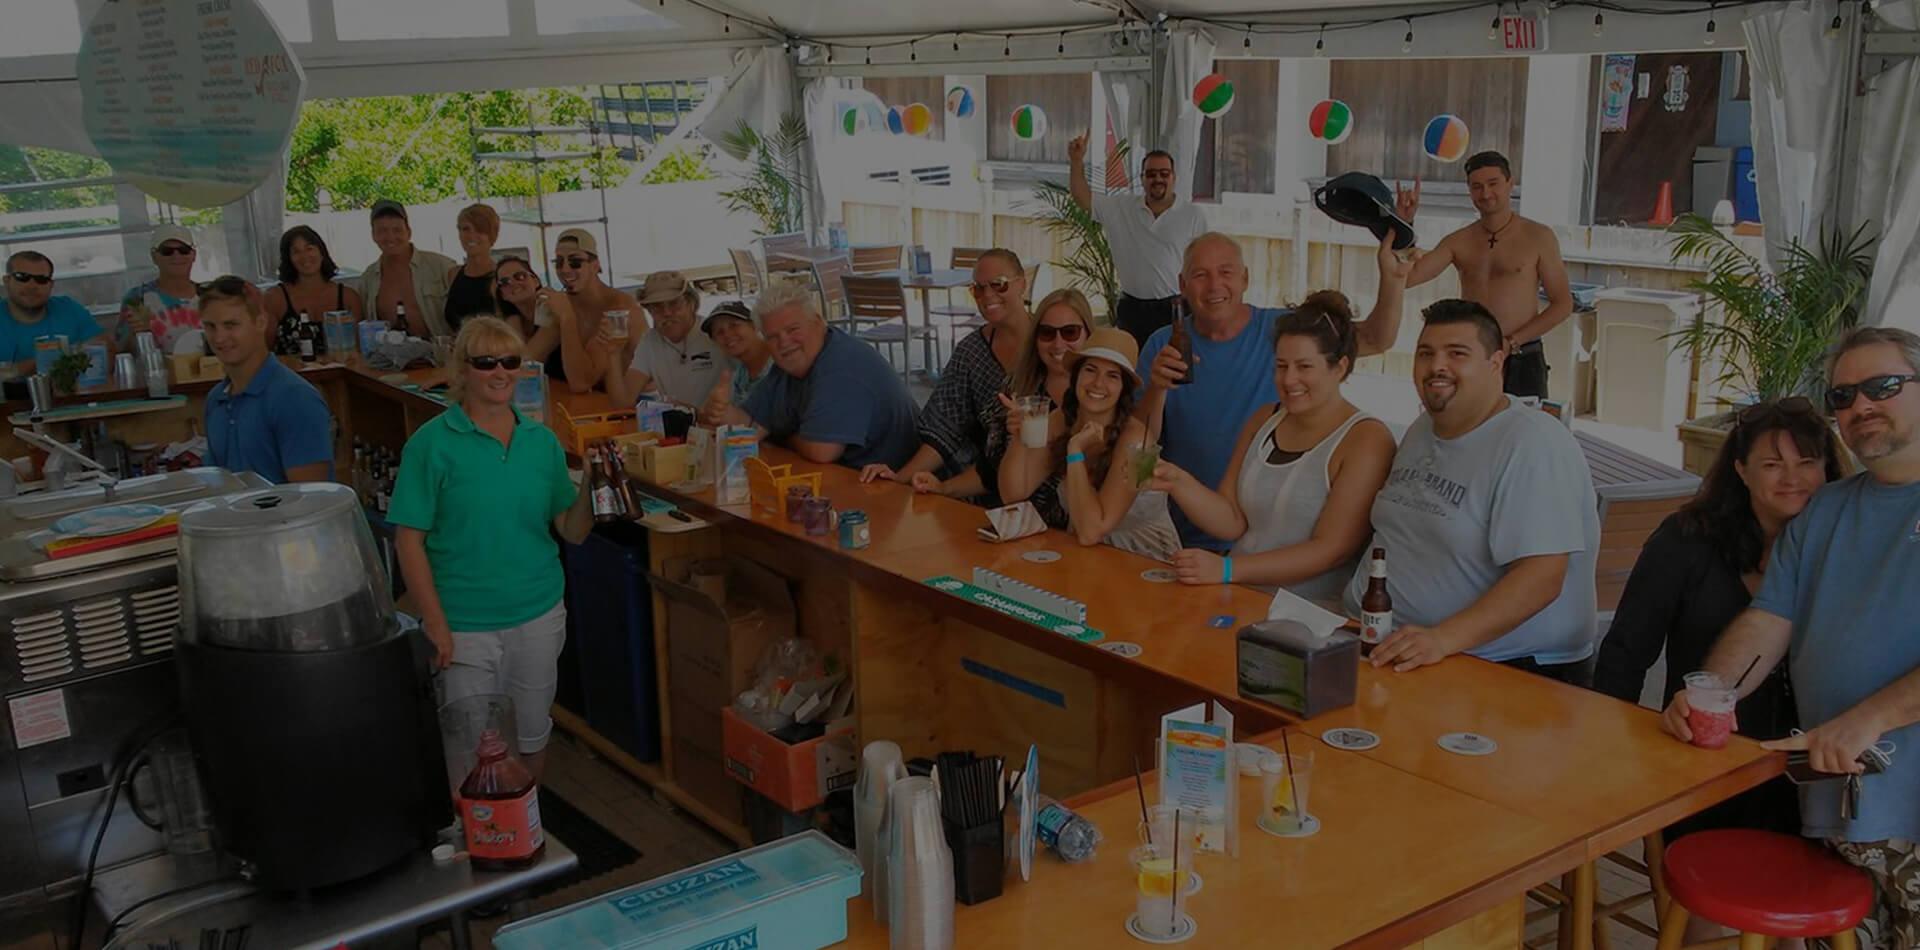 Red Fox Beach Bar & Grill